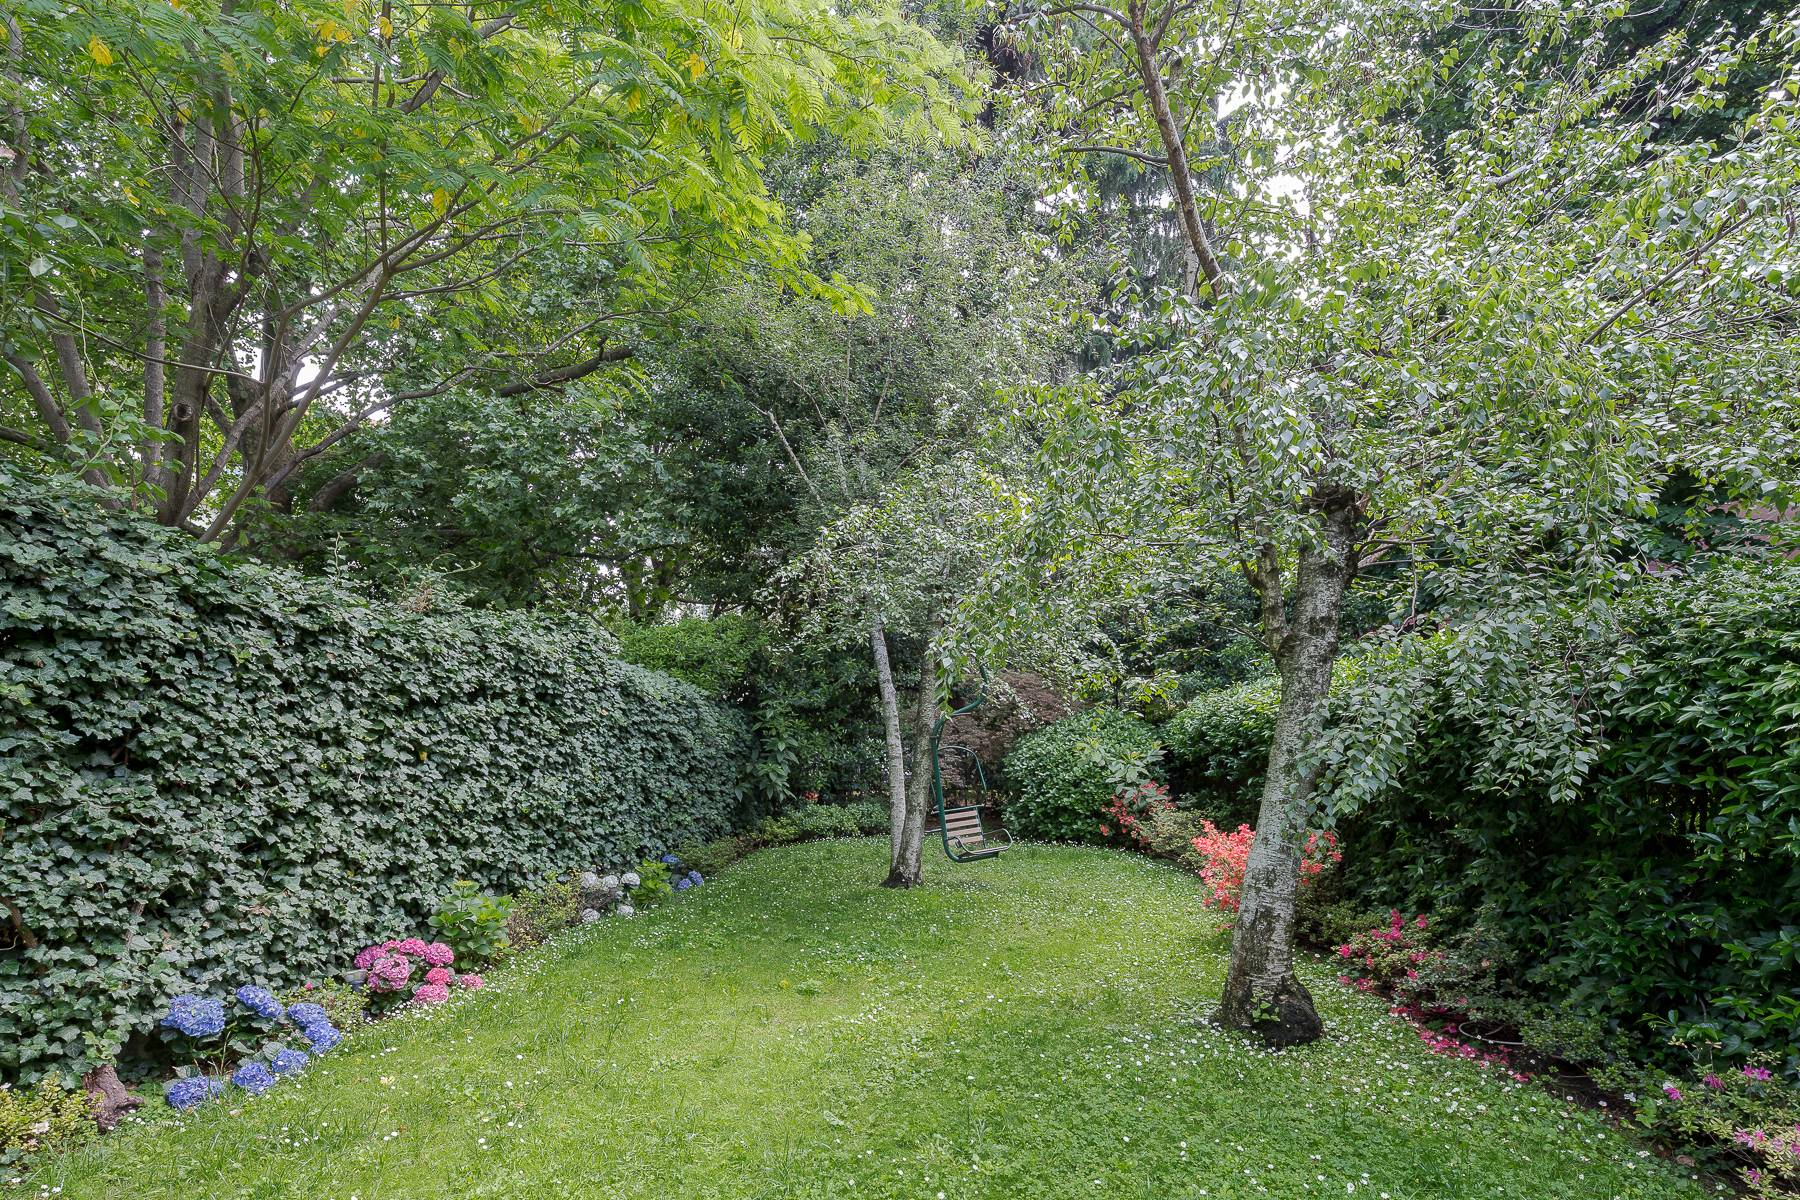 Villa in Affitto a Milano: 5 locali, 285 mq - Foto 1